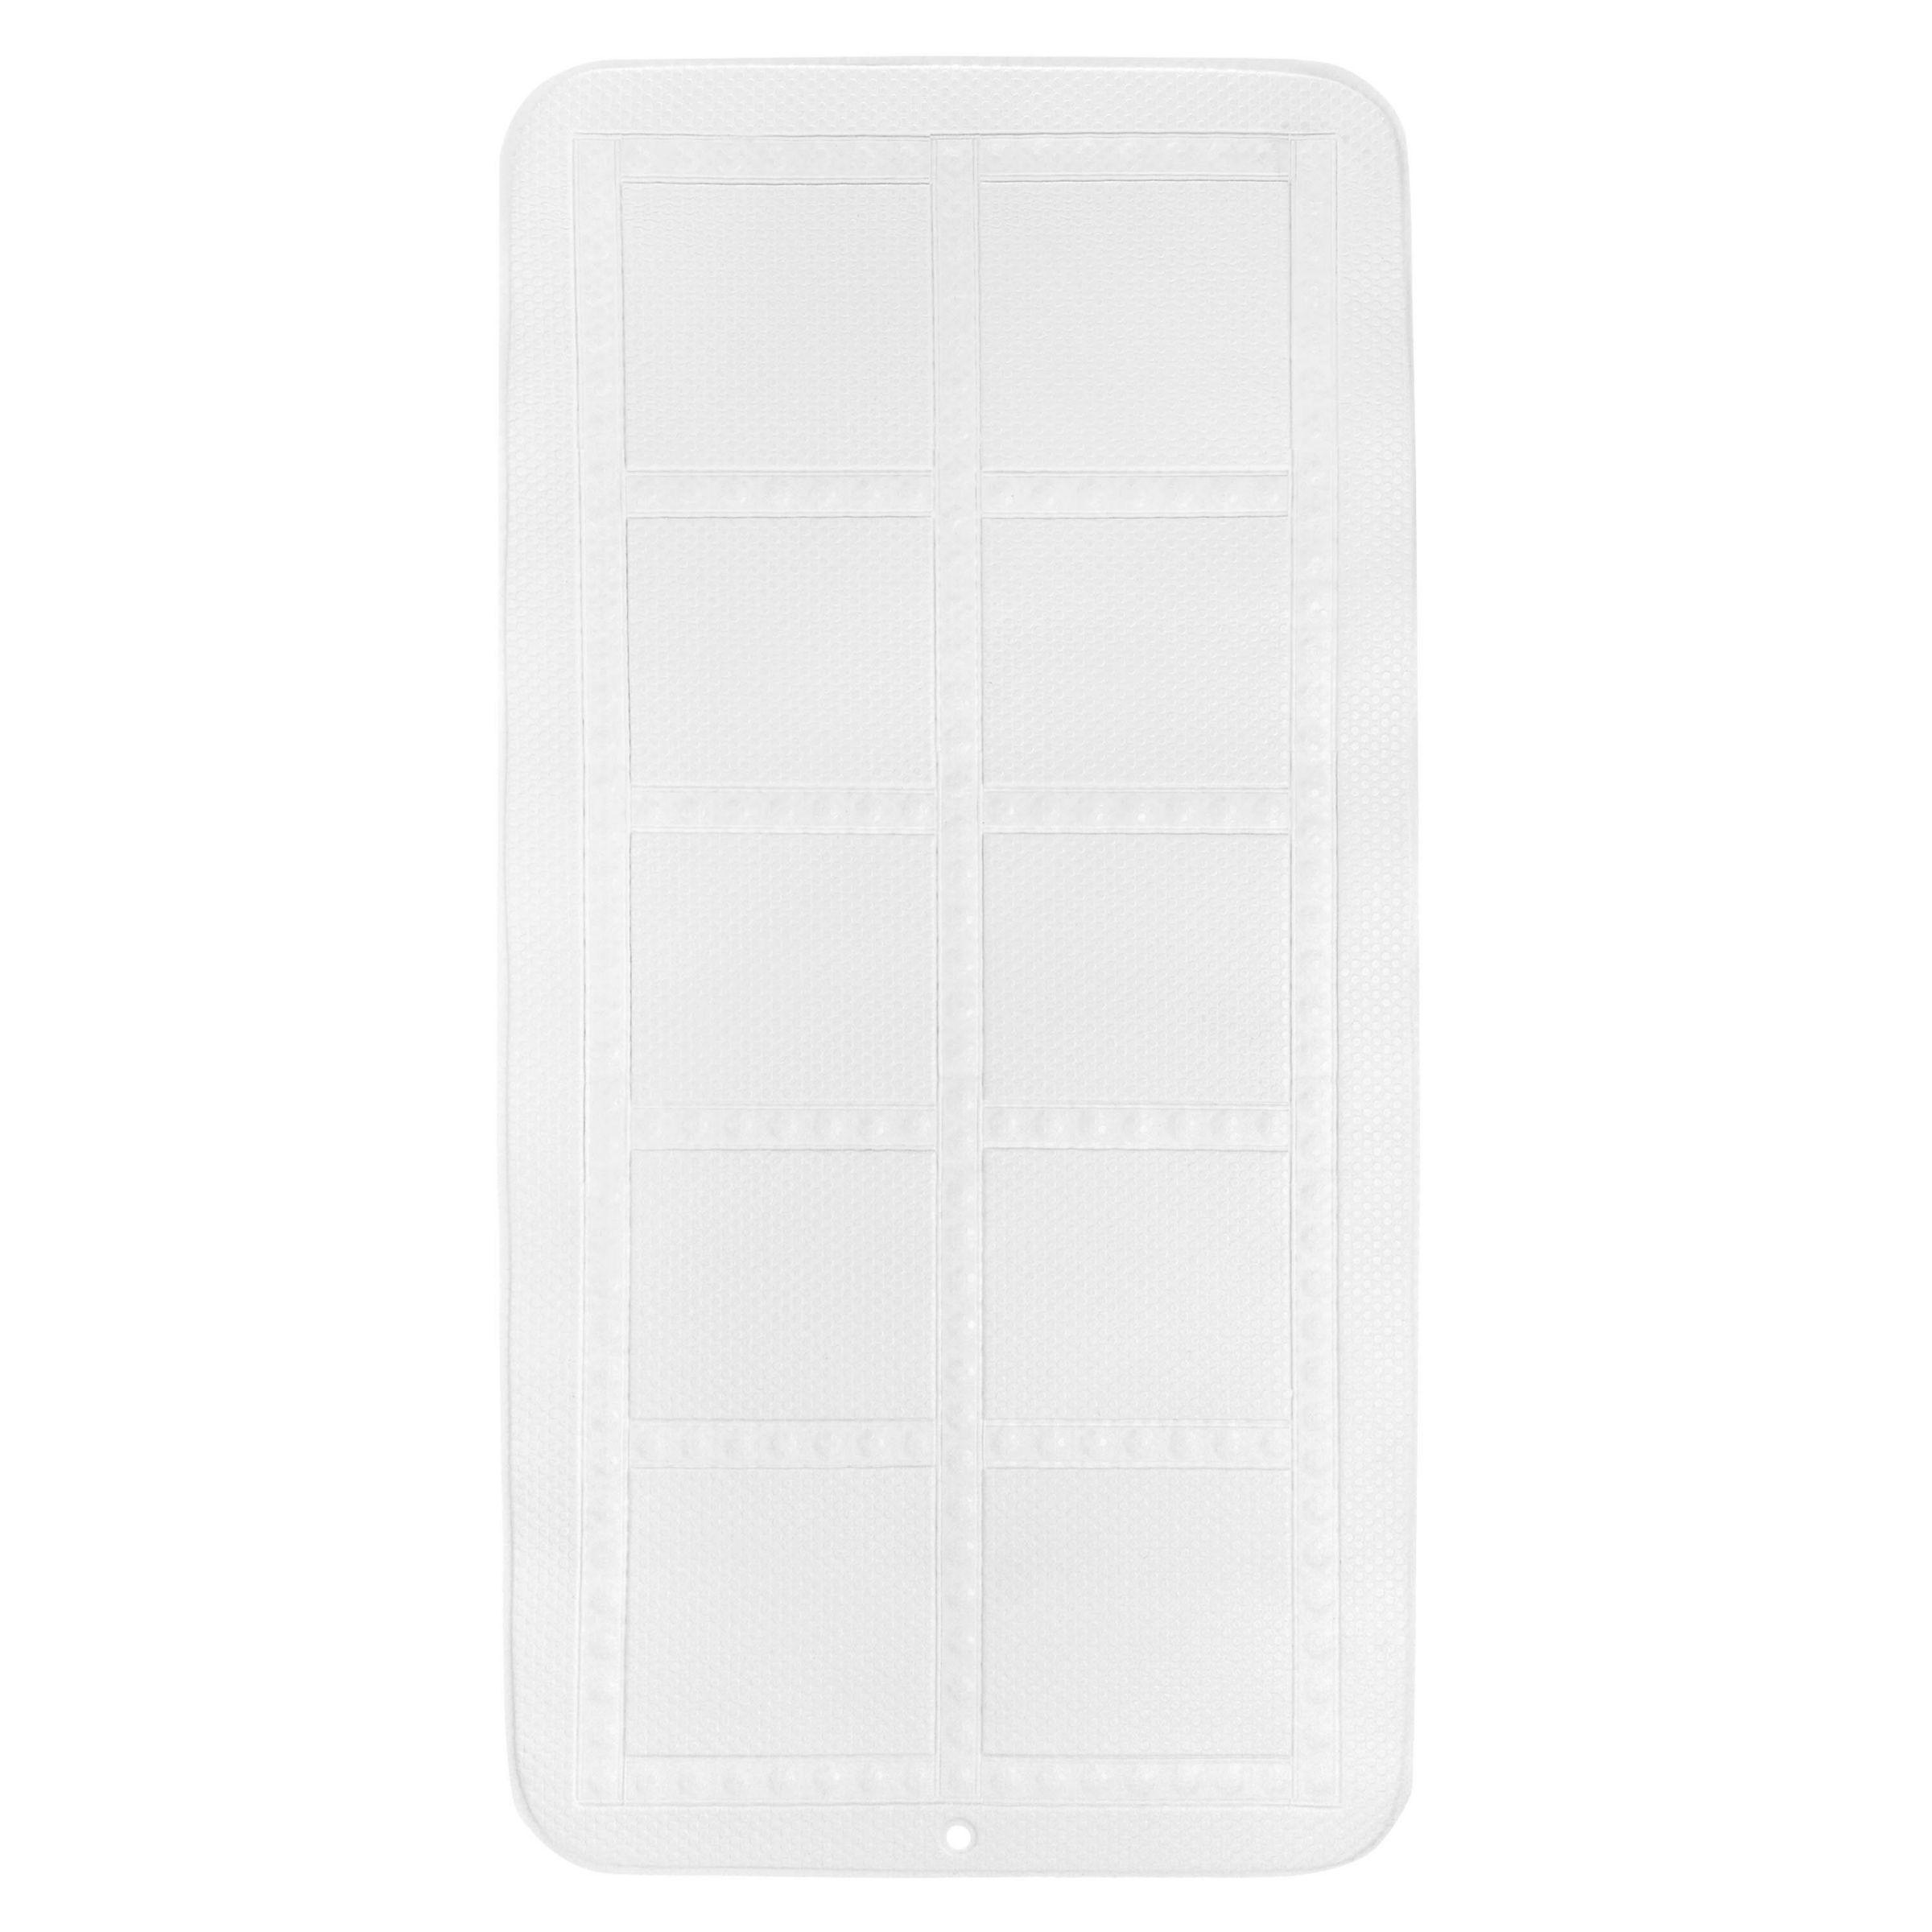 Anti-microbial Non-slip Bath Mat 110411